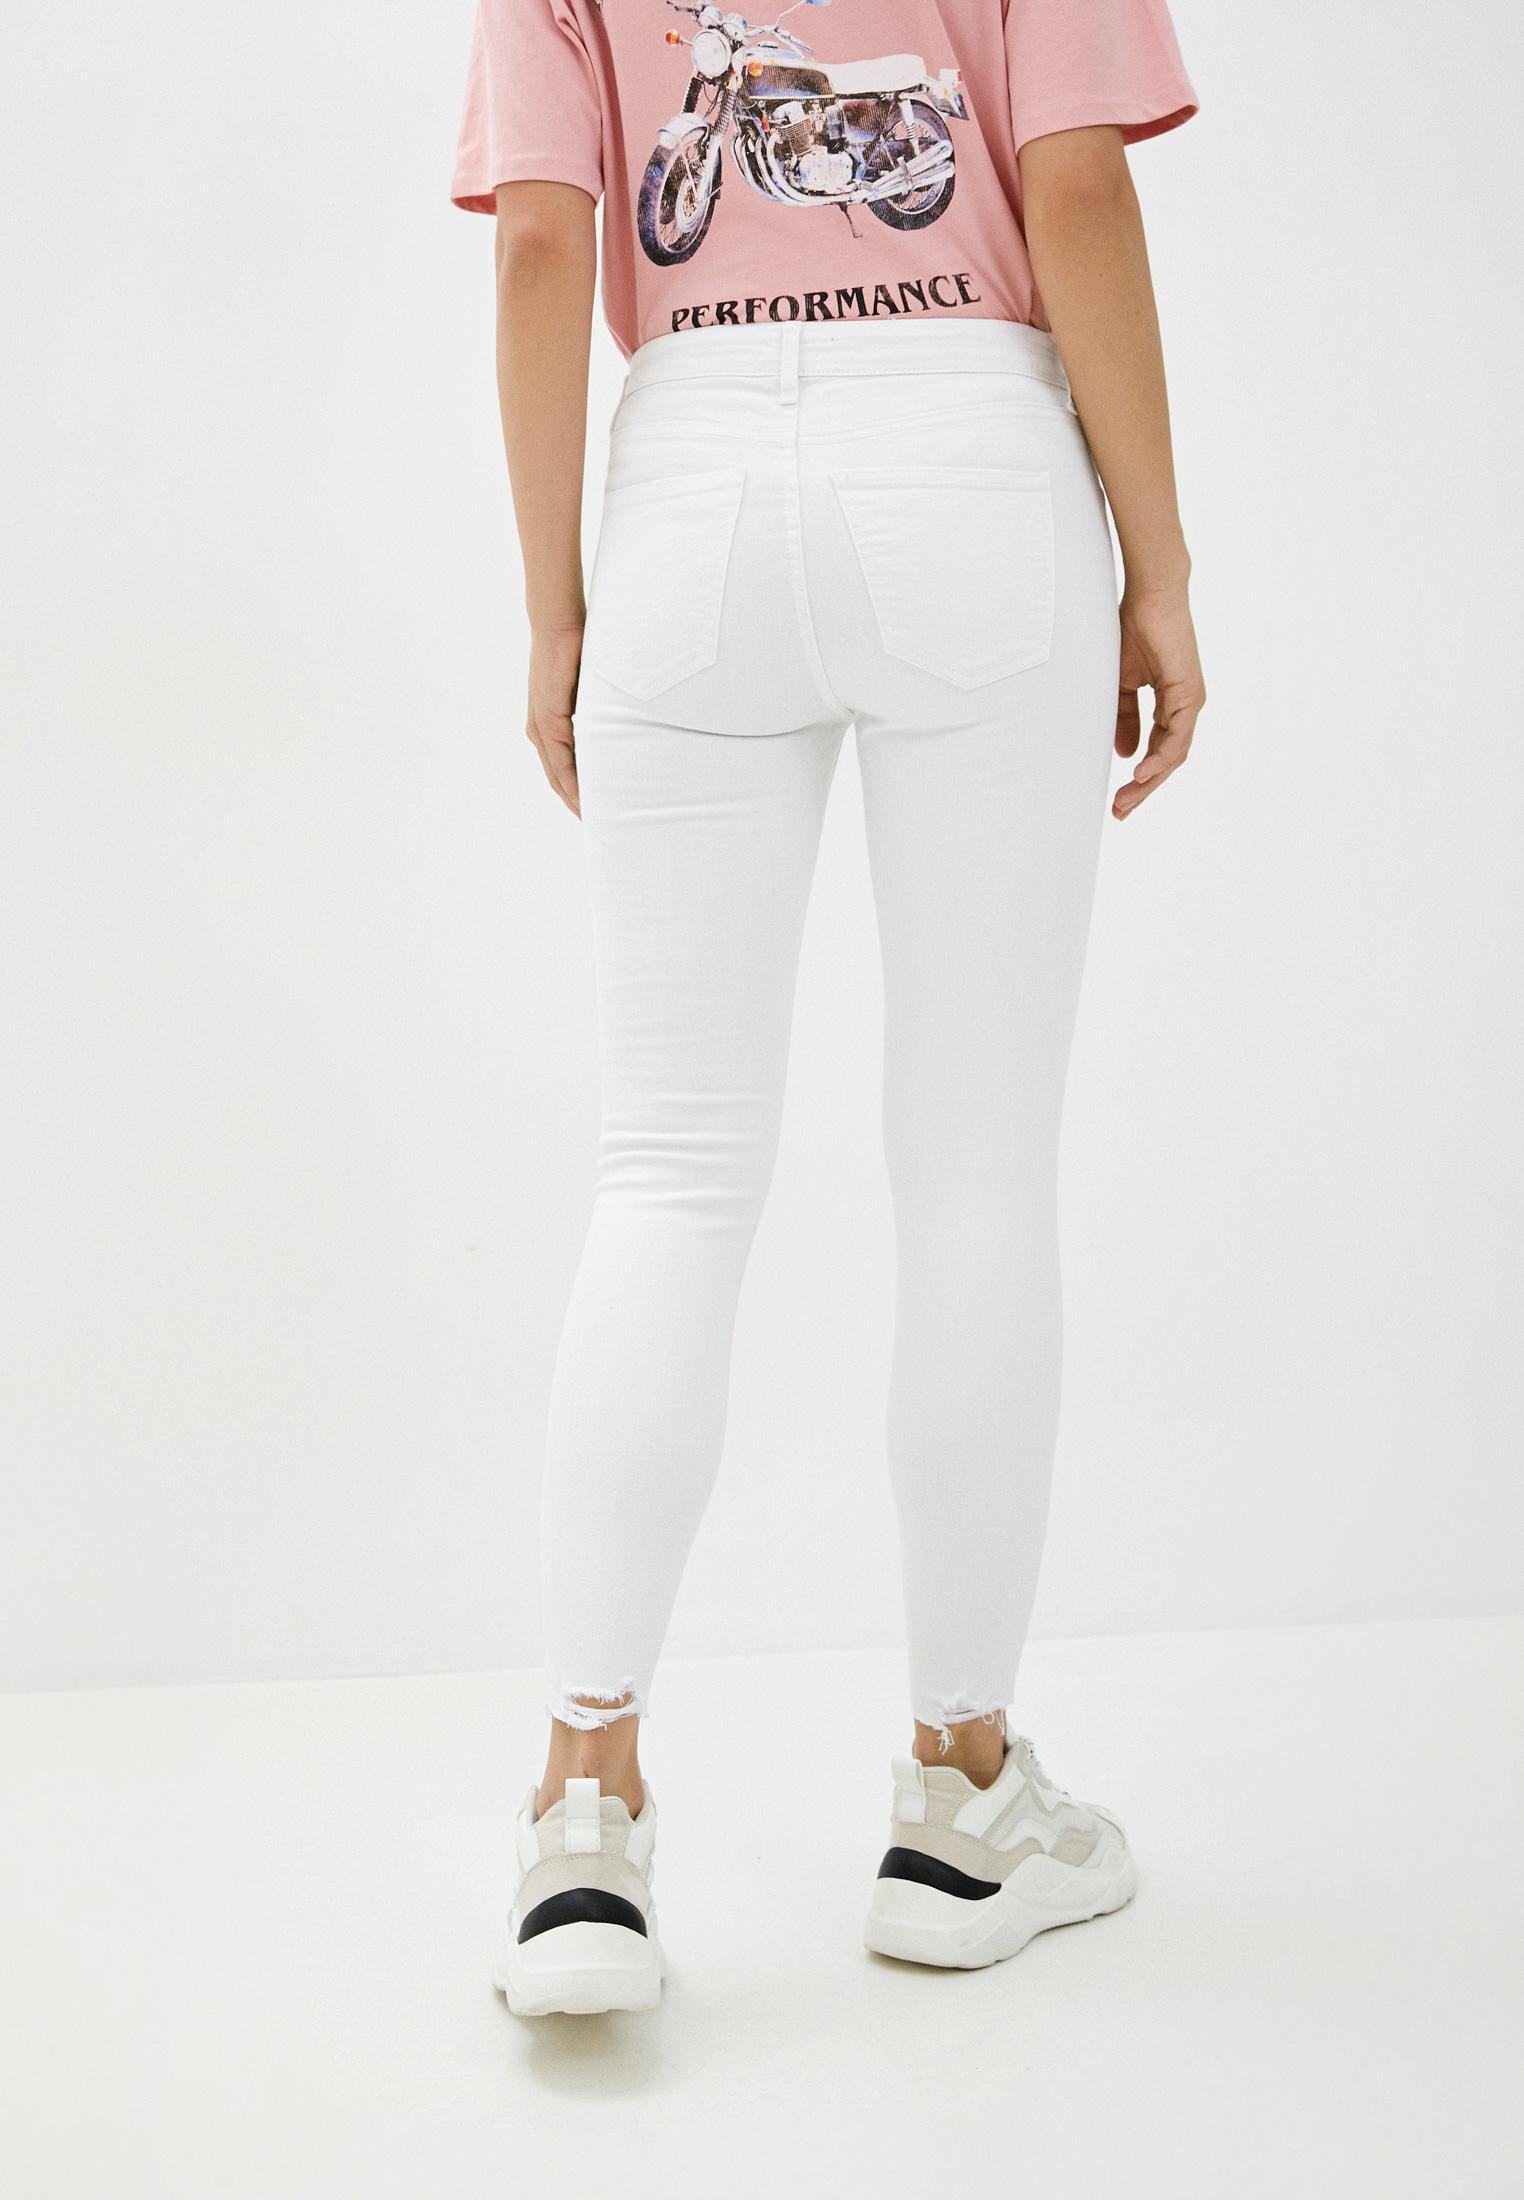 Зауженные джинсы Cotton On 241182-216: изображение 3